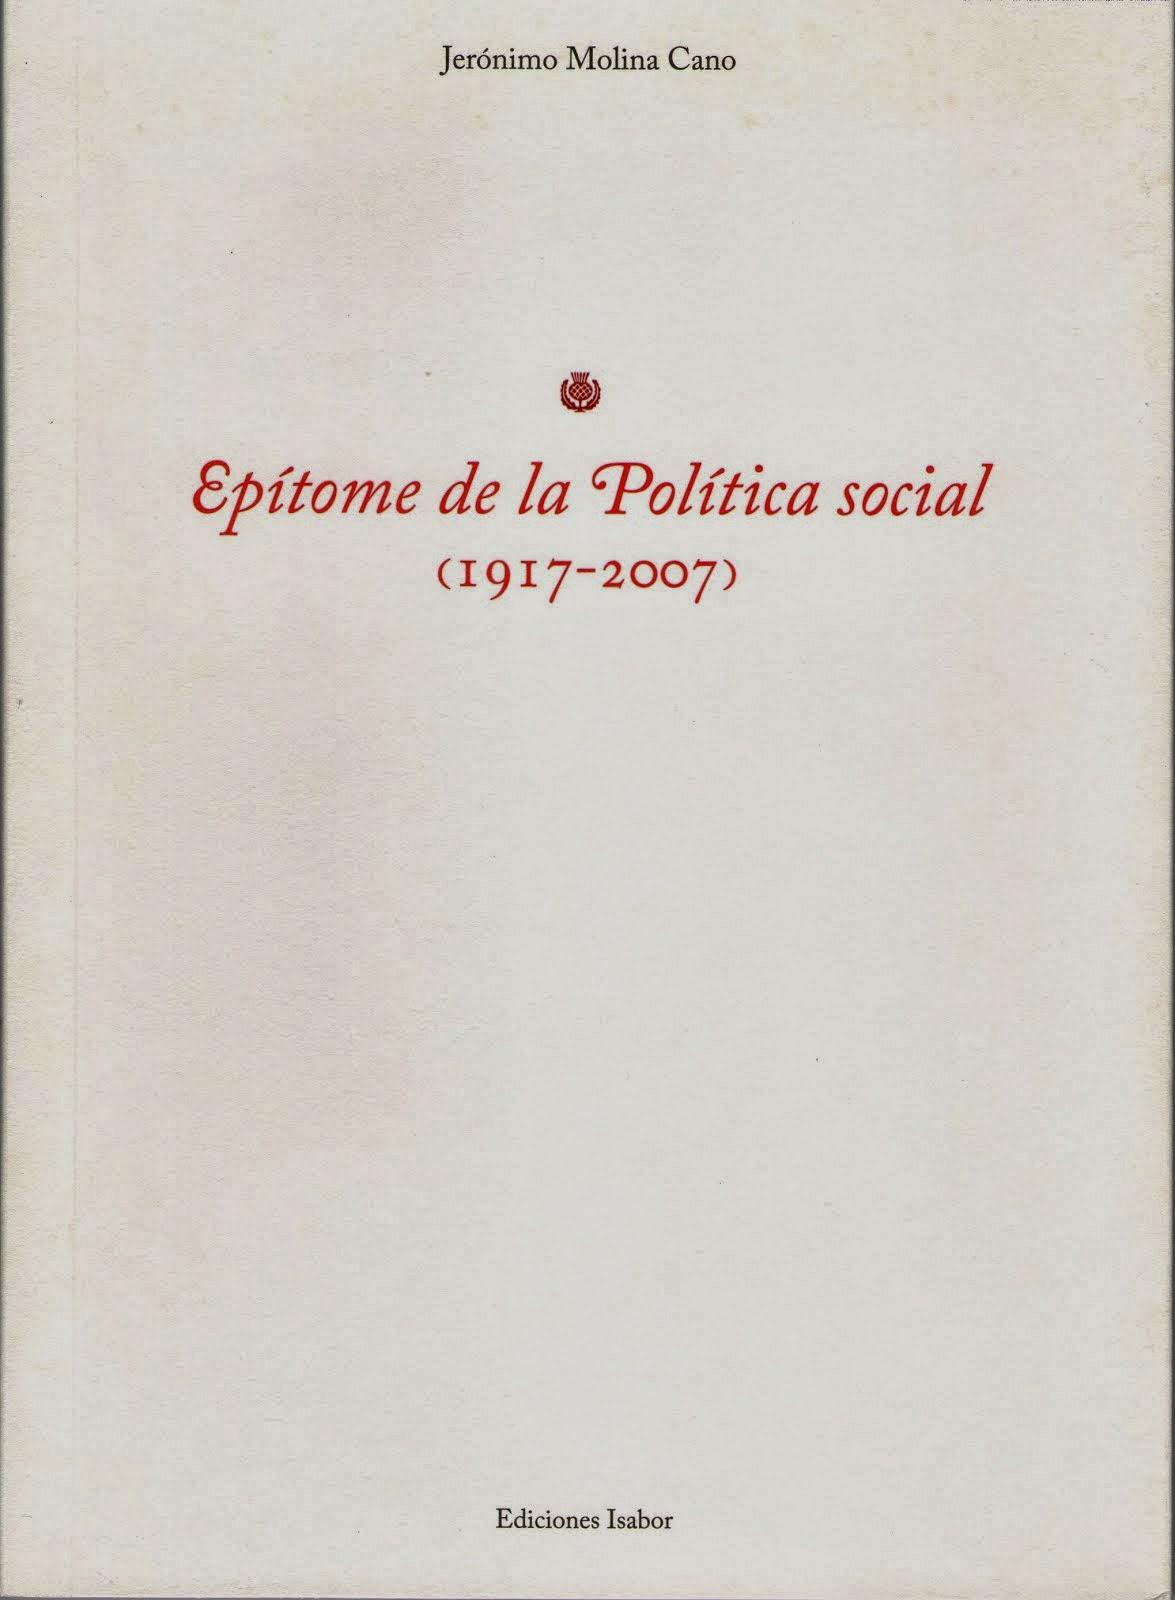 Epítome de la Política social